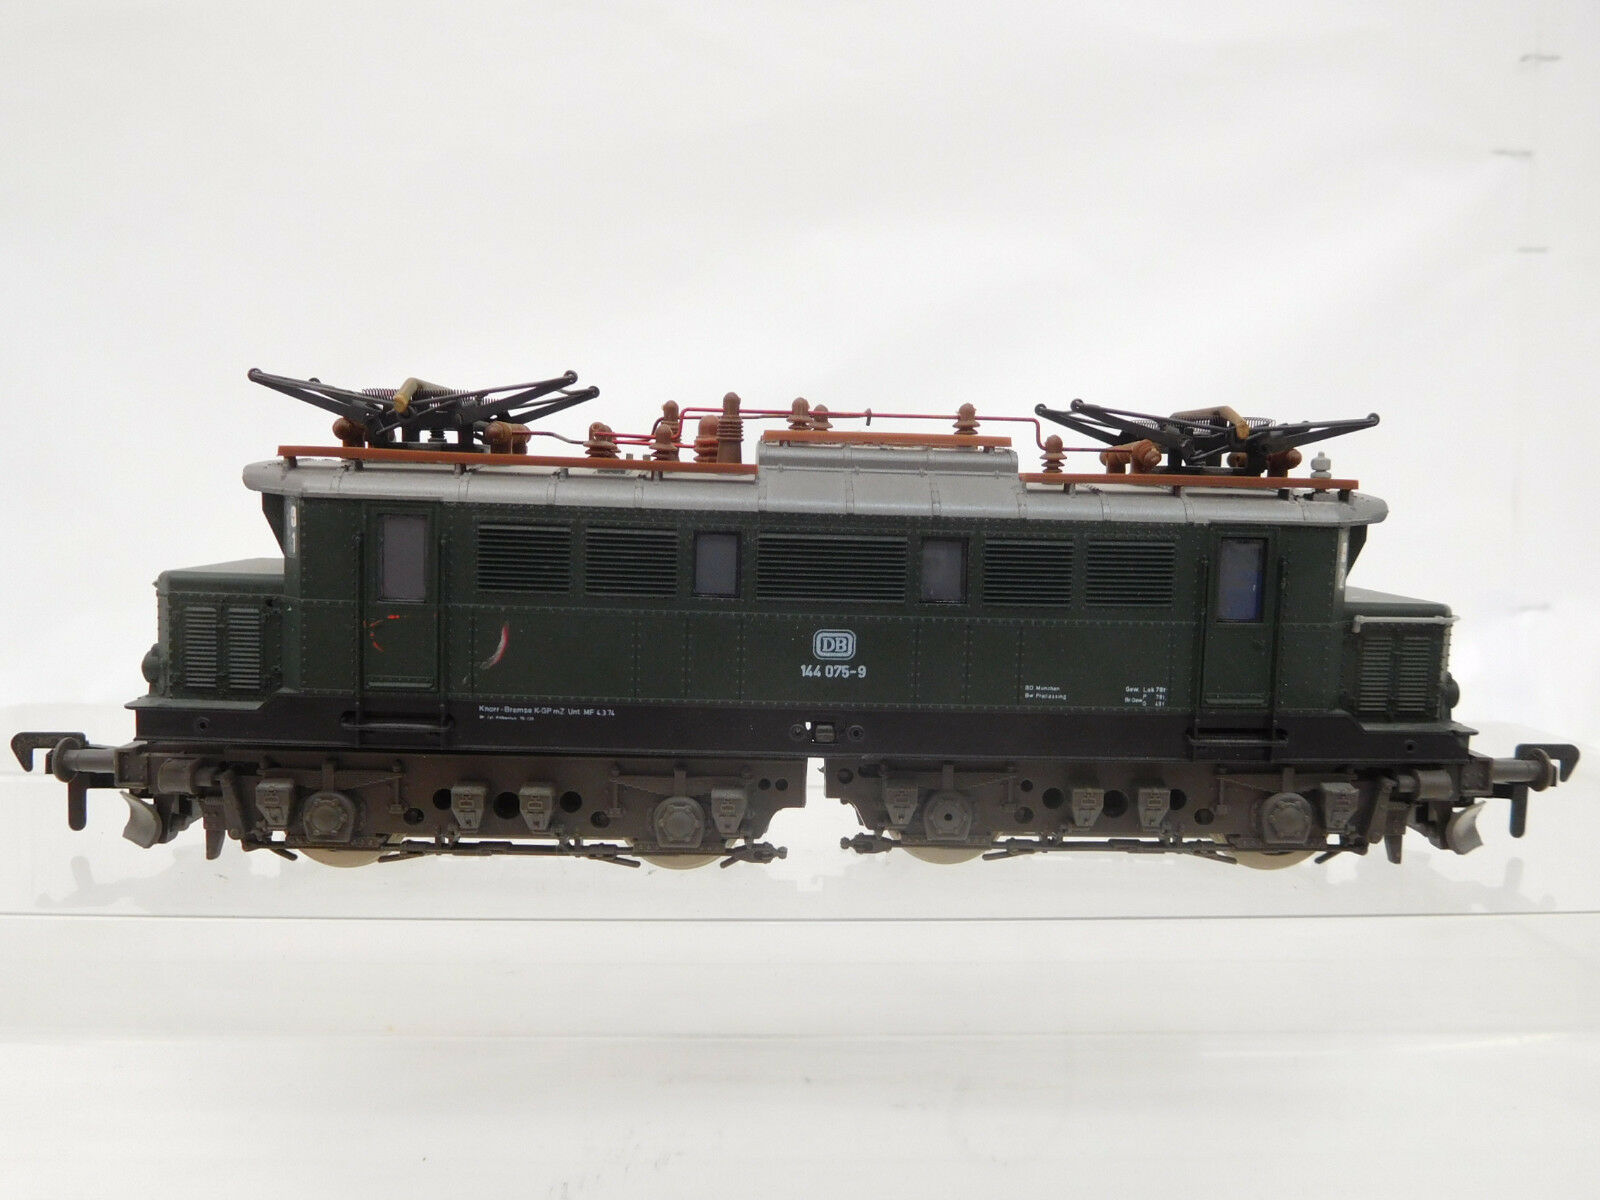 Mes-51065 roco h0 e-Lok DB 144 075-9 con signos de desgaste